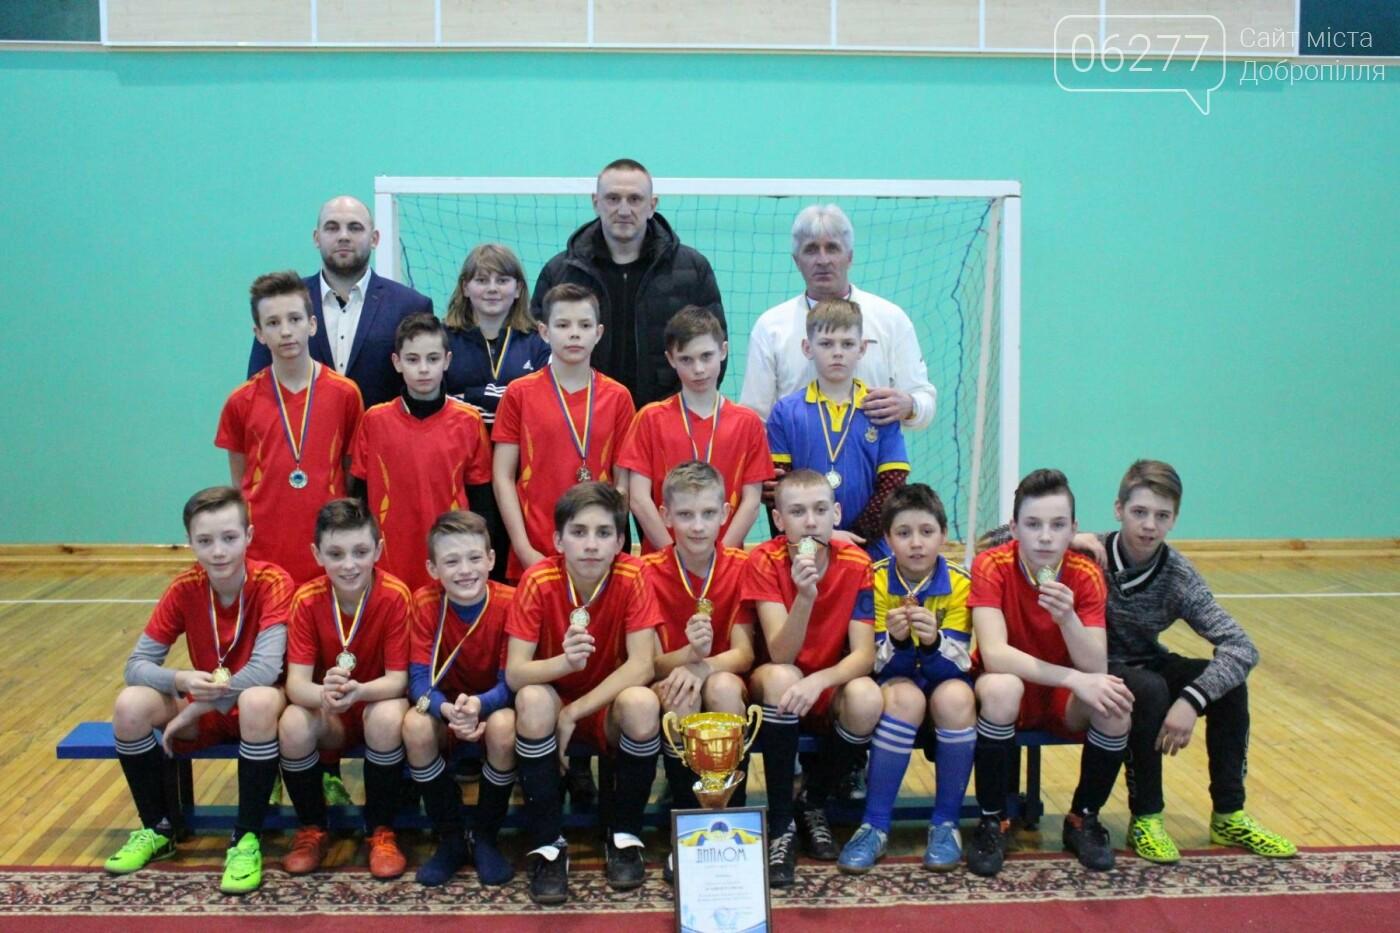 Білицька команда «Шахтар - Спорт для всіх» здобула перемогу в обласних змаганнях з футзалу, фото-3